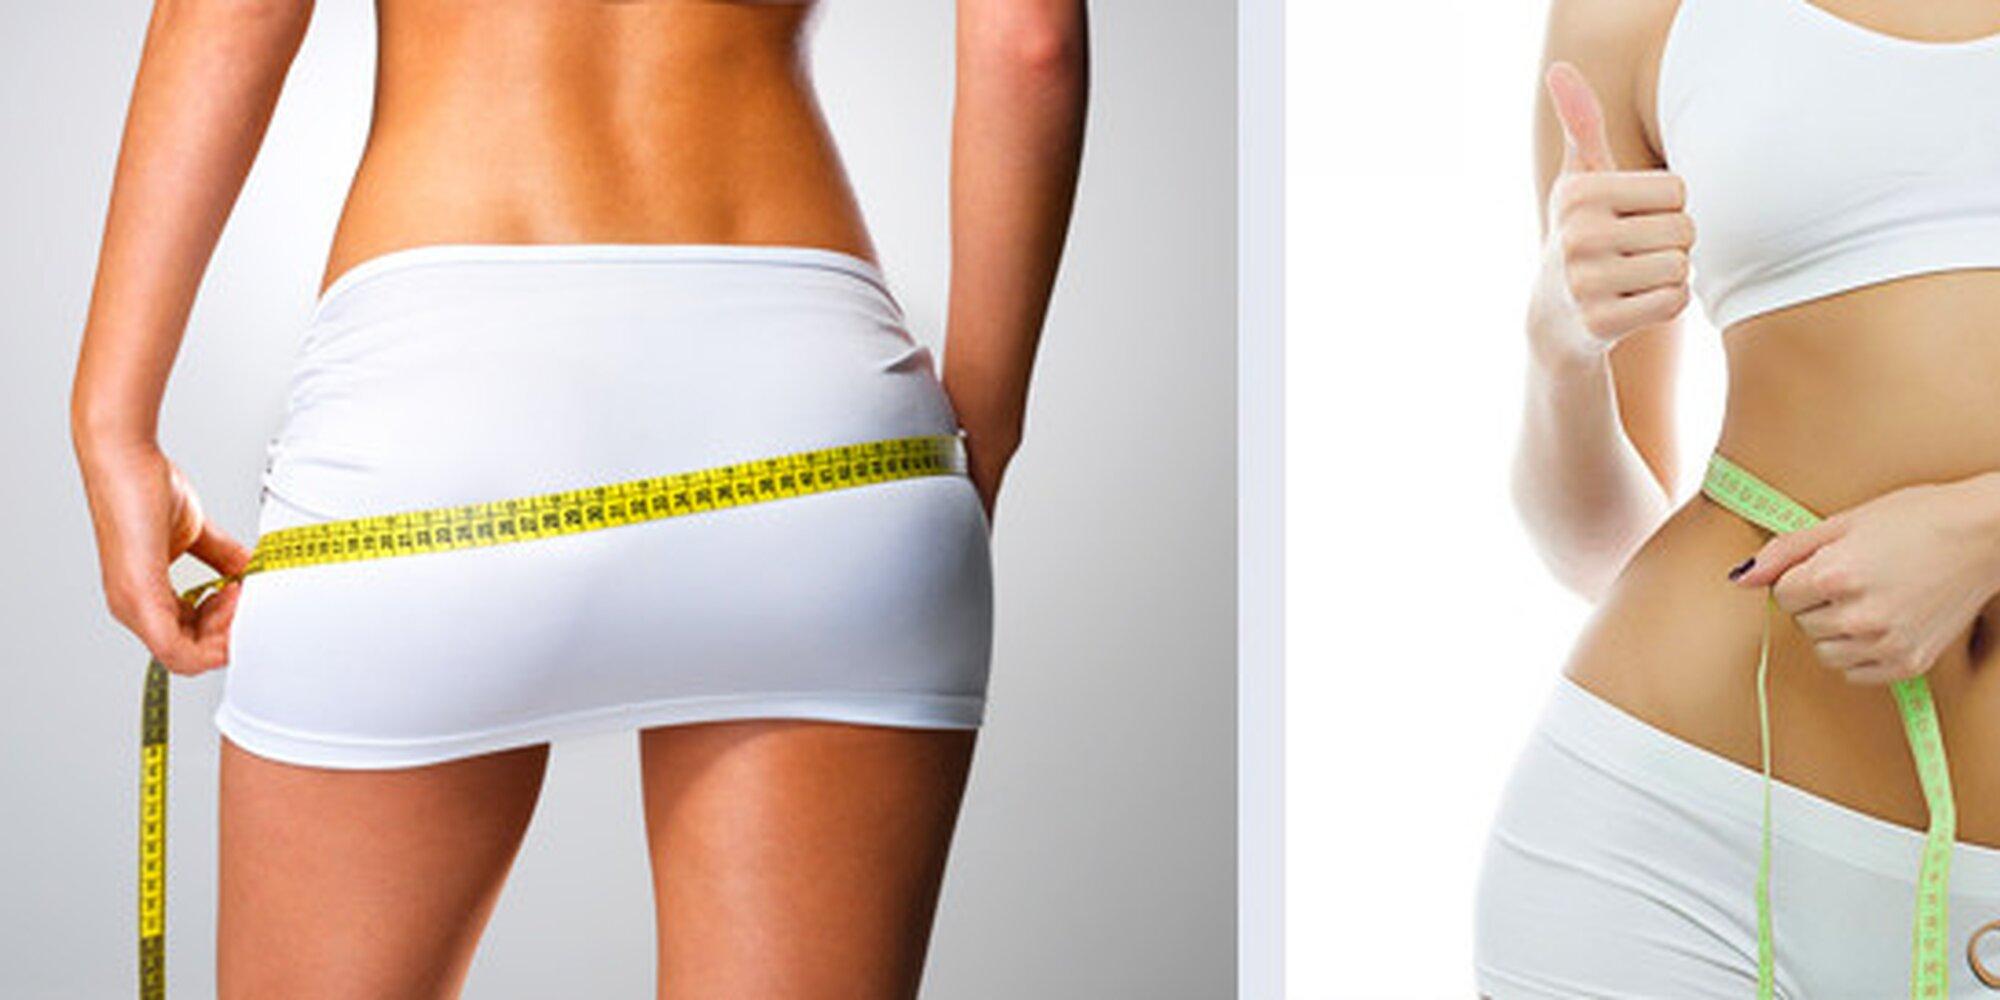 Похудеть В Области Бедра. Эффективные советы и упражнения для похудения бедер и ягодиц